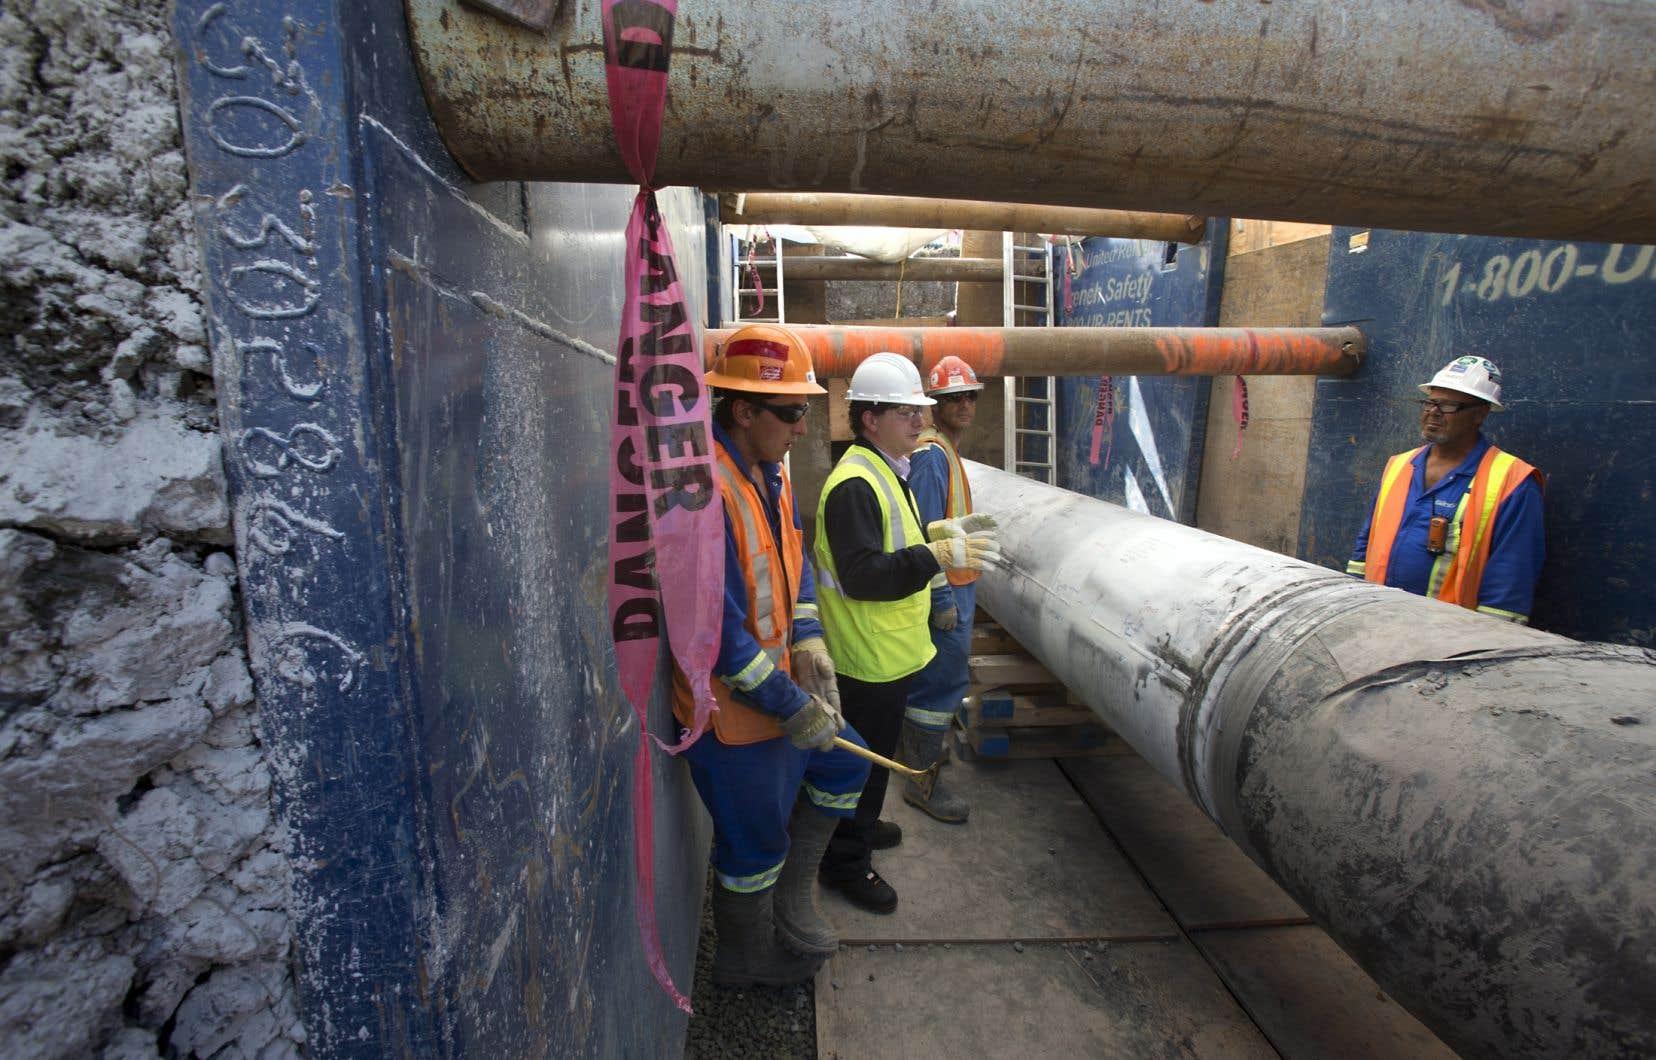 LaFédération des chambres de commerce du Québec demandait au gouvernement «d'appuyer l'inversion du pipeline de la ligne 9» d'Enbridge, un projet controversé d'acheminement du pétrole des sables bitumineux vers les raffineries de l'est du pays.